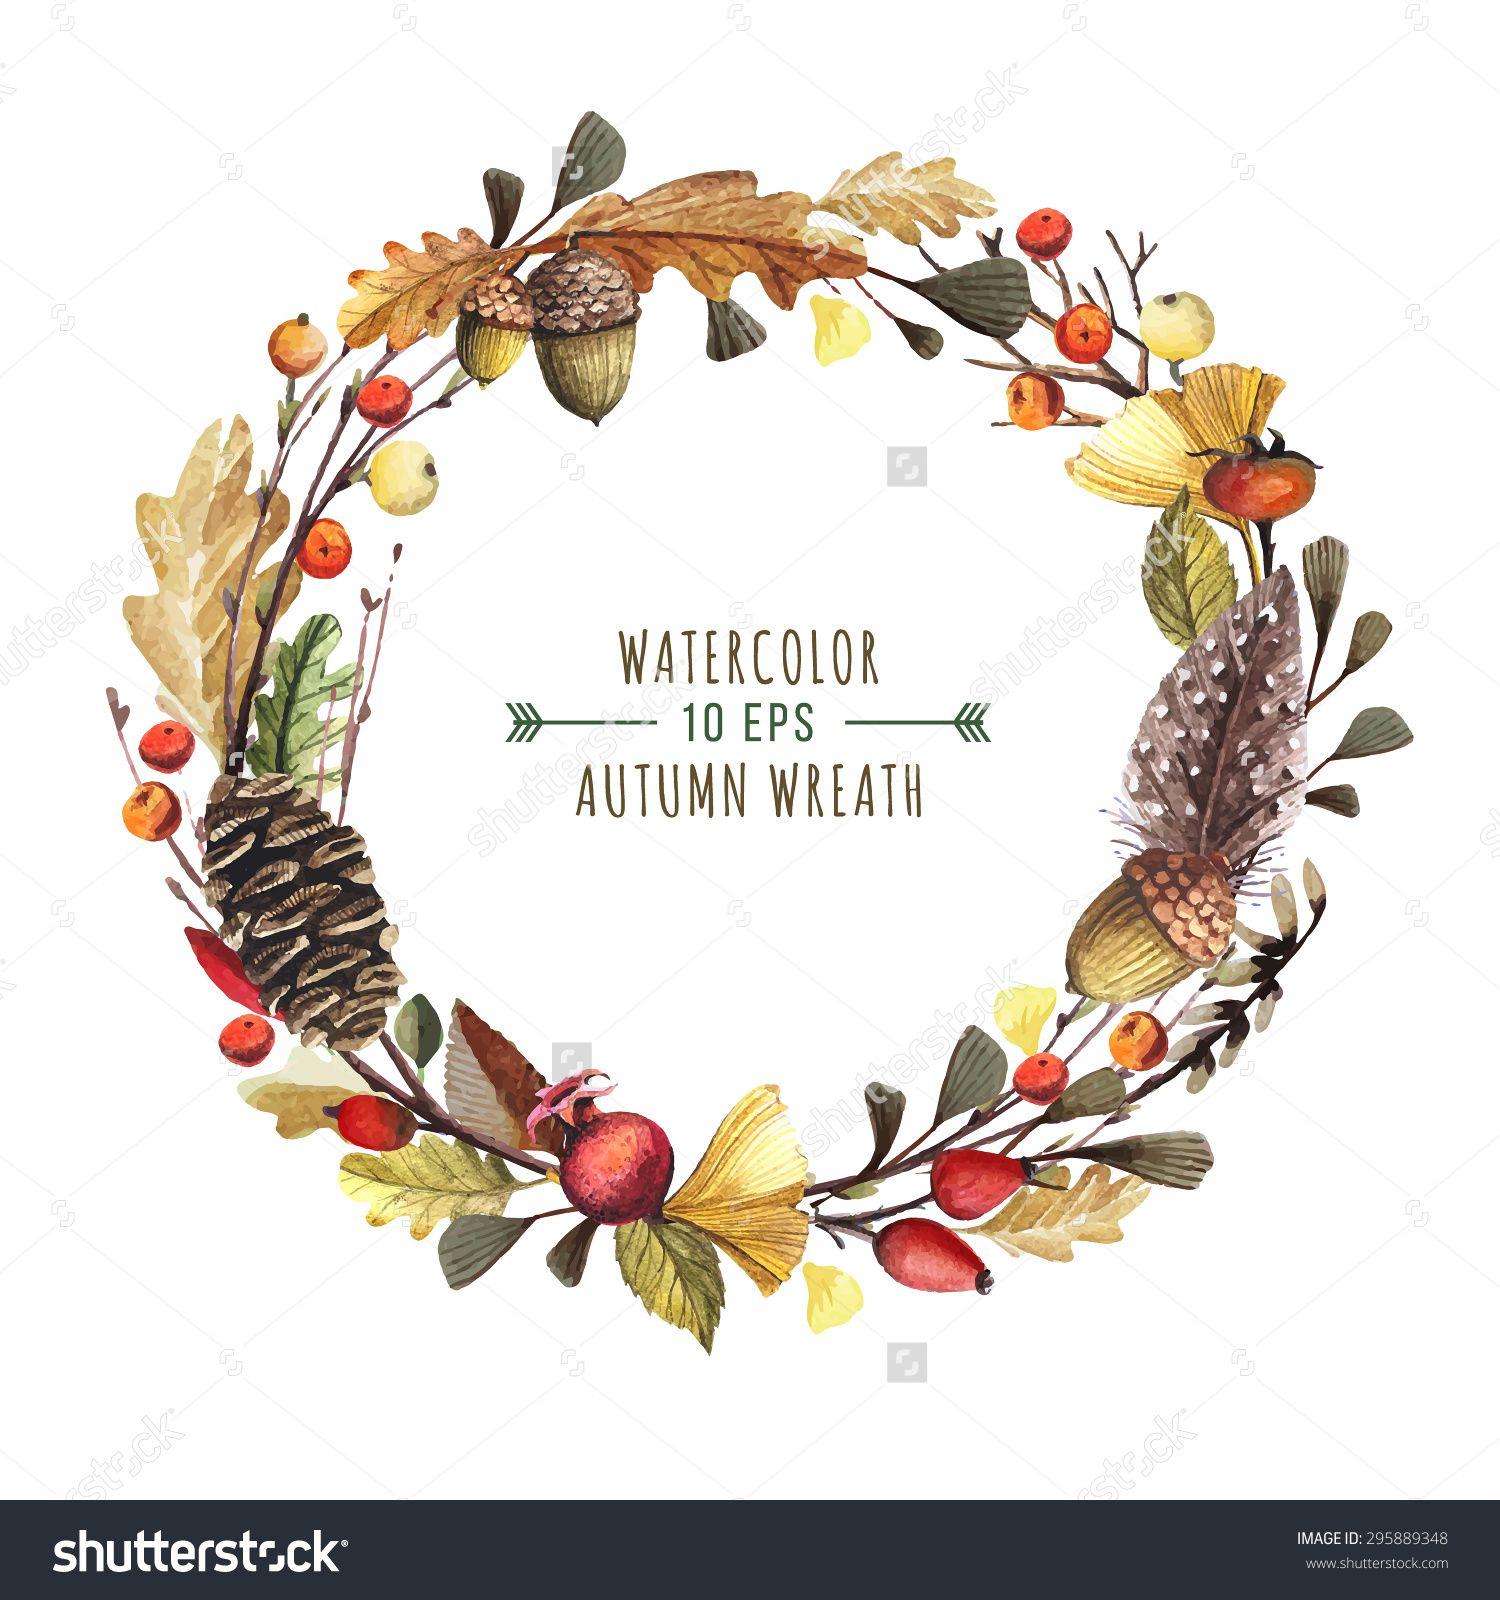 Woodland clipart Autumn Floral Wreath Autumn Flowers Watercolor fall Wreath Autumn Clipart Woodland Wreath